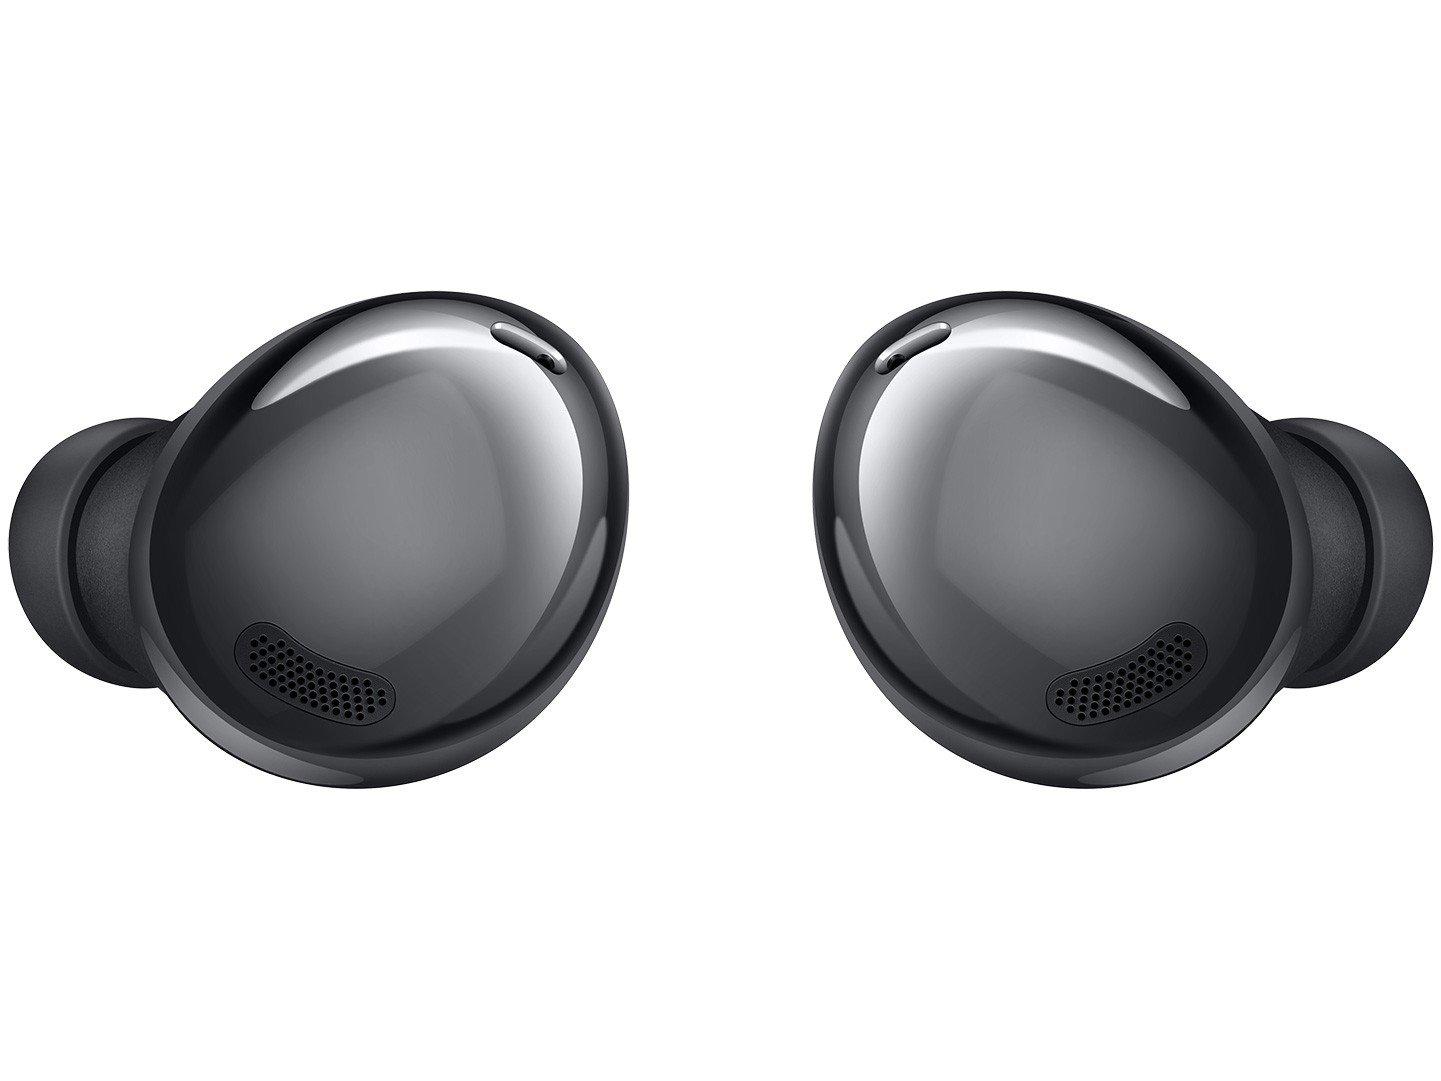 Fone de Ouvido Samsung Galaxy Buds Pro Bluetooth - Preto - 1